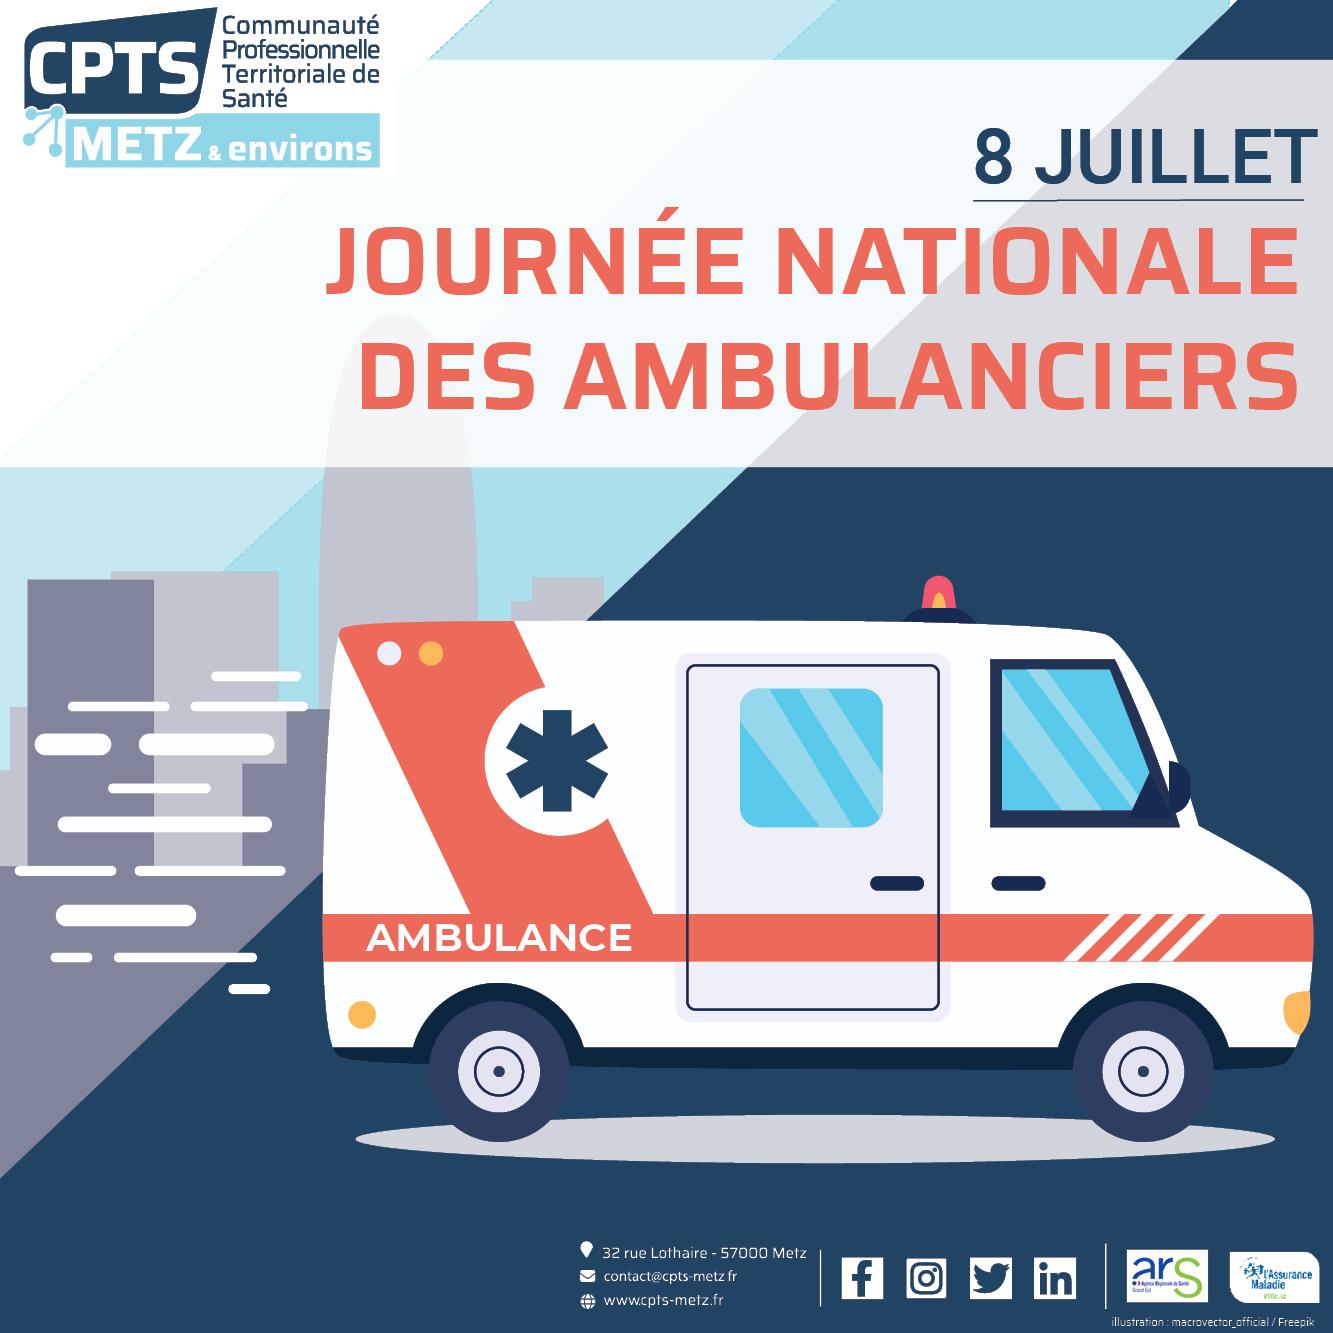 Image -  journée nationale des ambulanciers